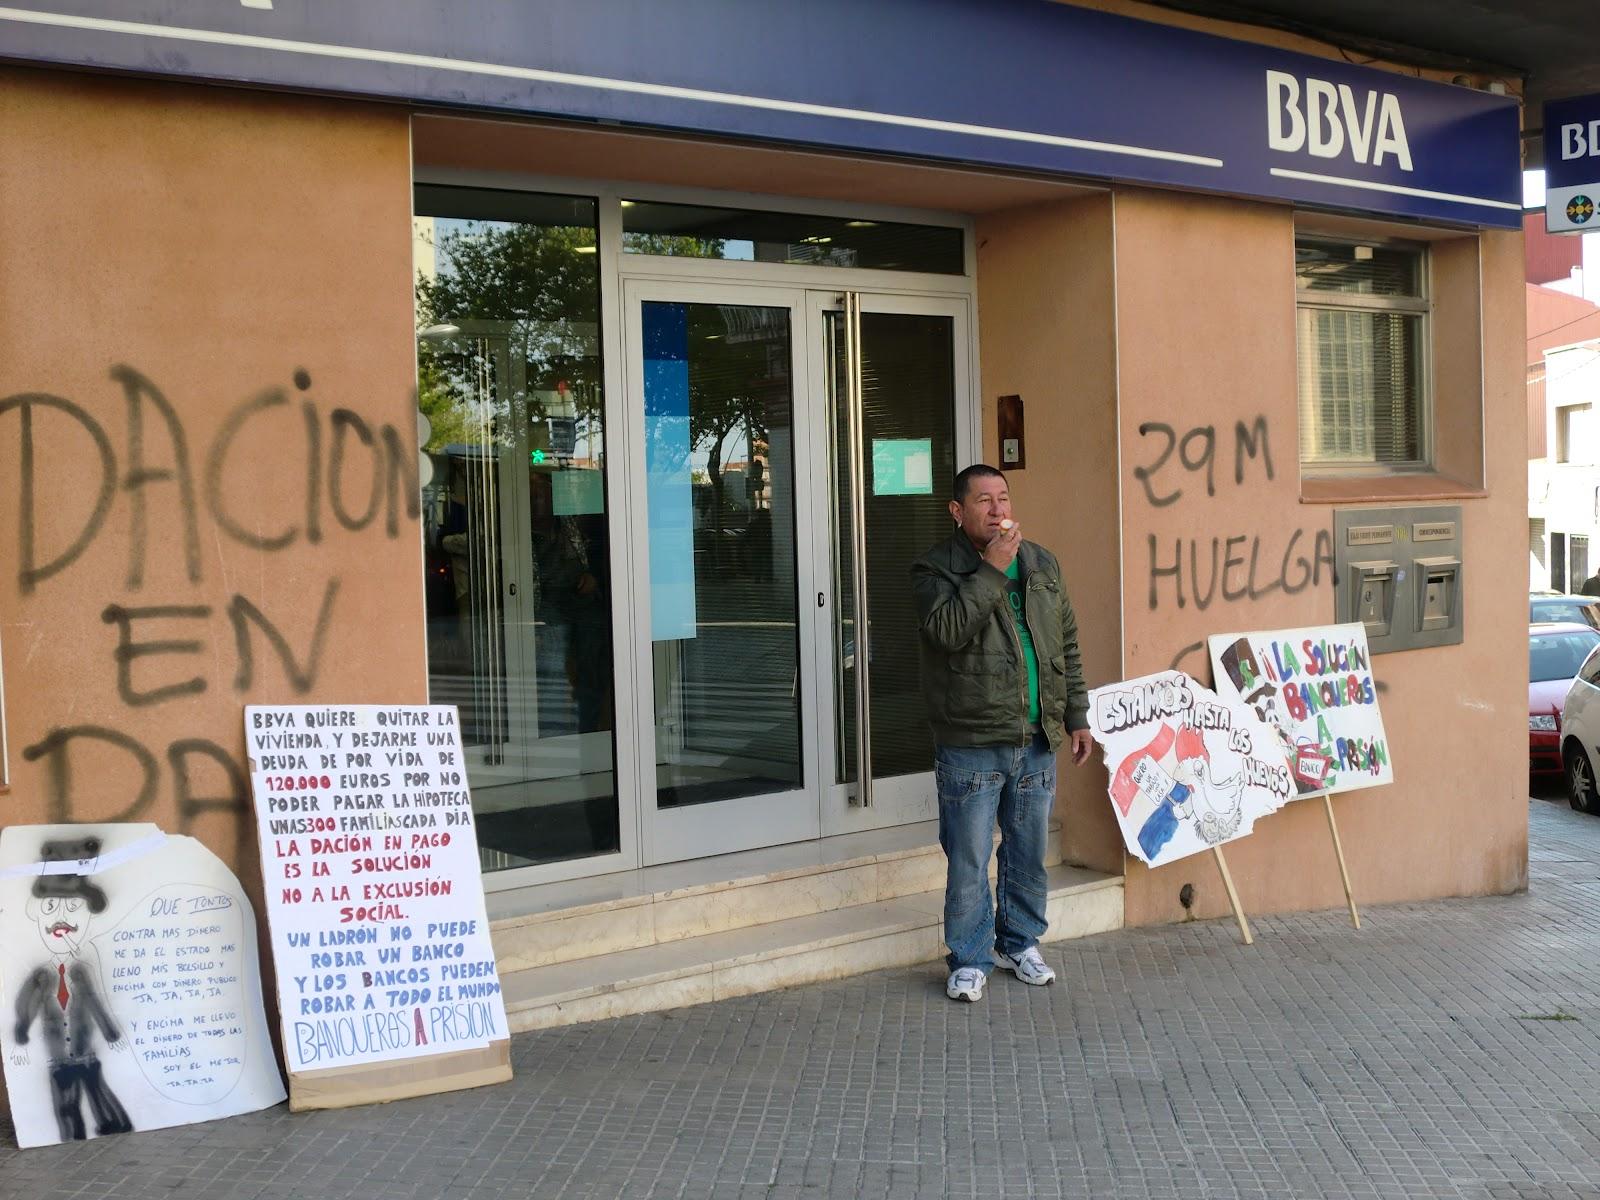 Hipotecados terrassa luis comienza su protesta ante el bbva for Oficinas bbva terrassa